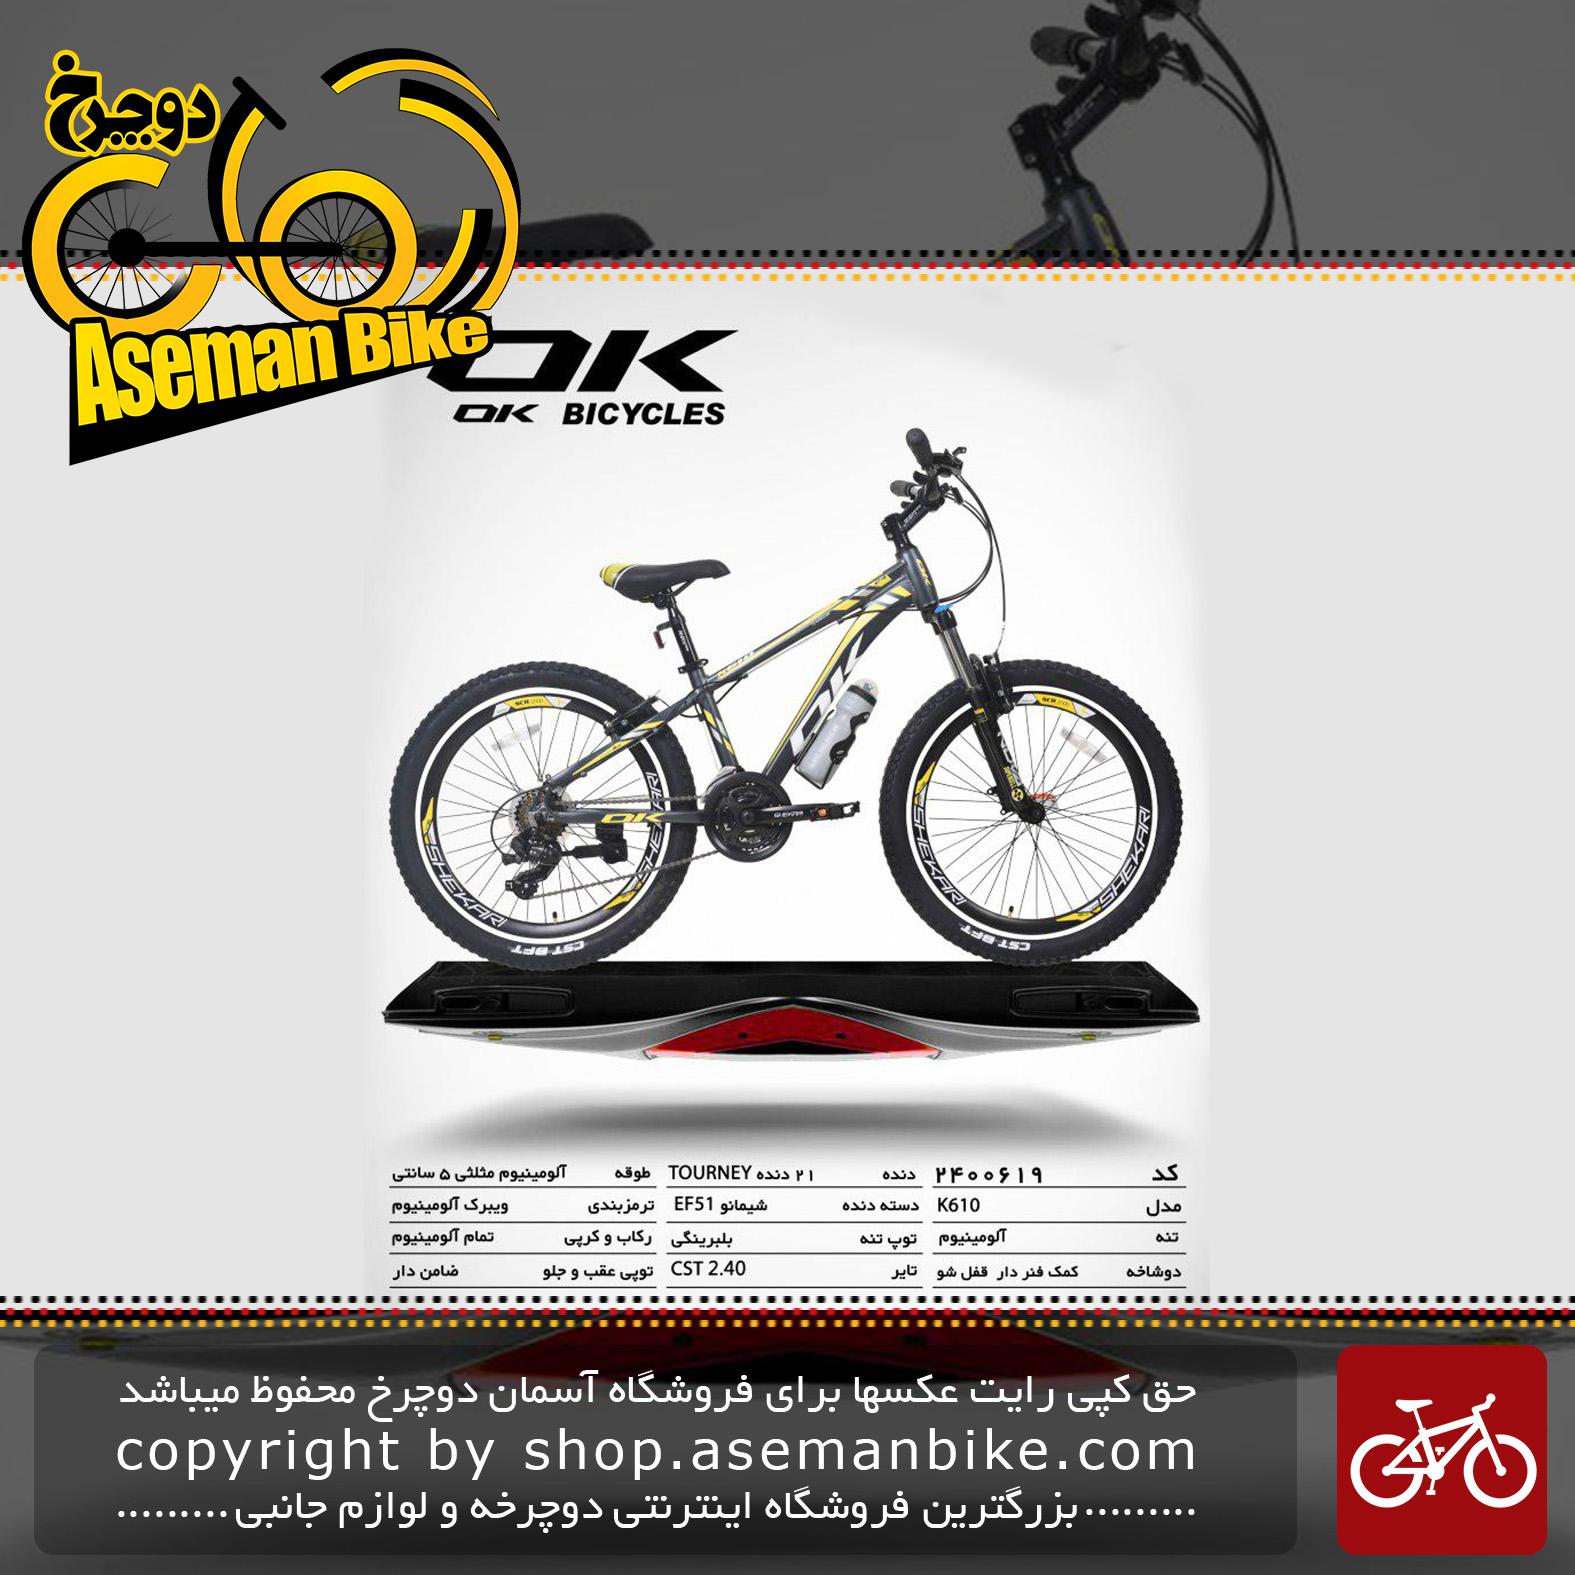 دوچرخه کوهستان شهری اوکی 21 دنده مدل کا 610 21 دنده سایز 24 ساخت تایوان OK Mountain City Bicycle Taiwan K610 Size 24 2019